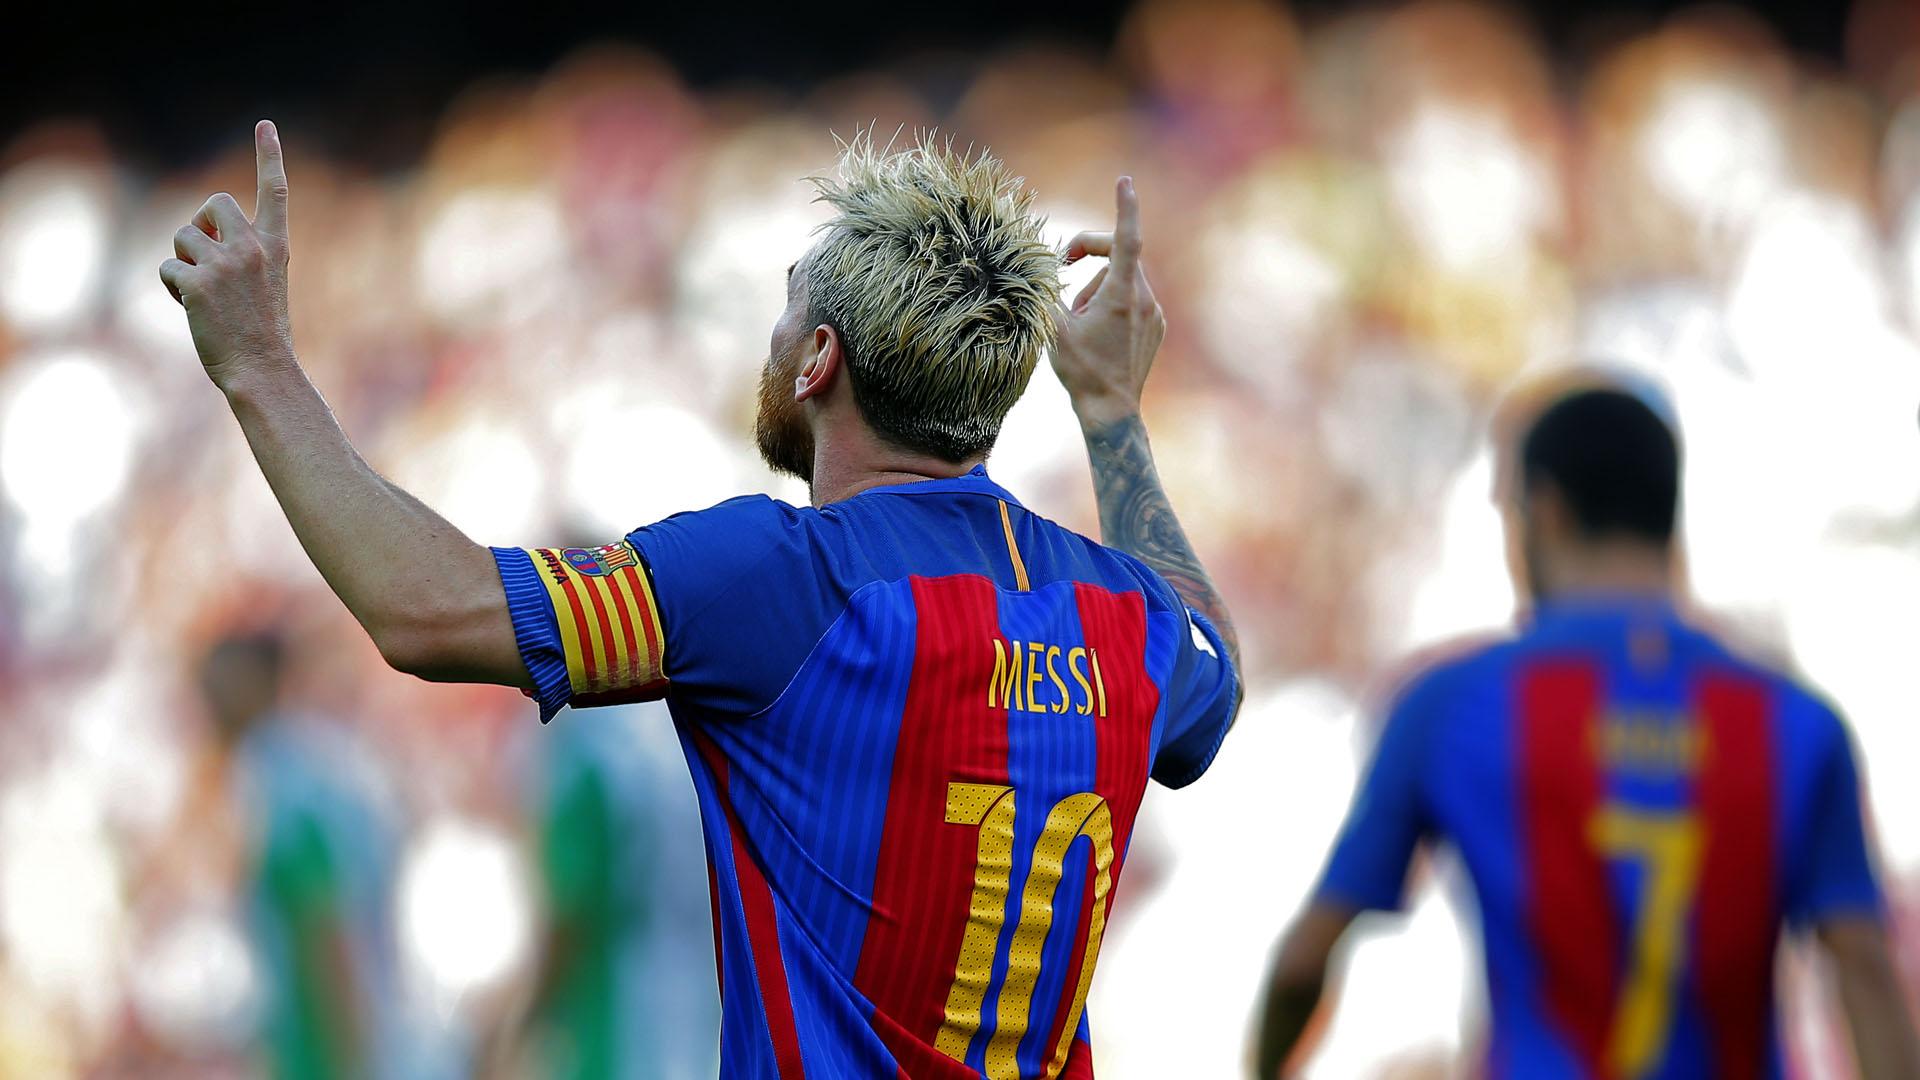 Messi comemora com o seu gesto tradicional: ele foi mais uma vez decisivo (AP Photo/Manu Fernandez)